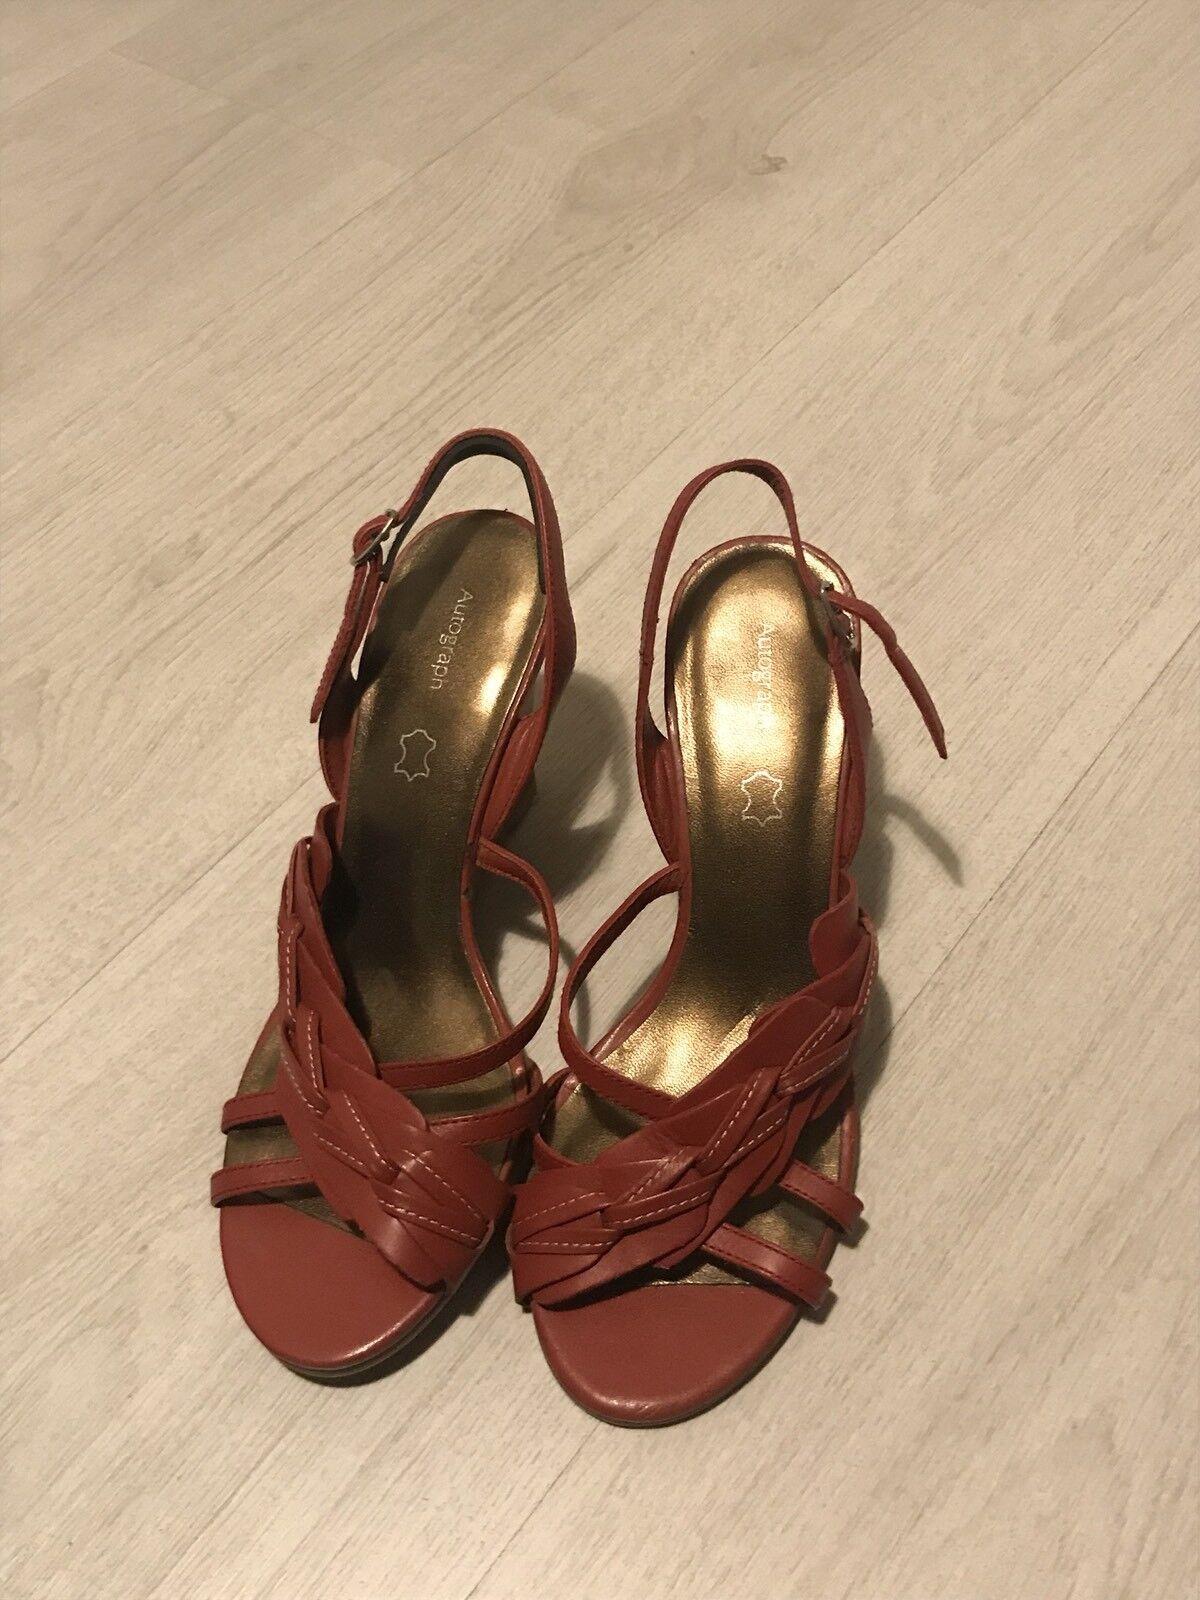 M&S Autograph Open Dark Red Plait Detail Open Autograph Toe Leather Wedge Sandals Sz 4 63d936